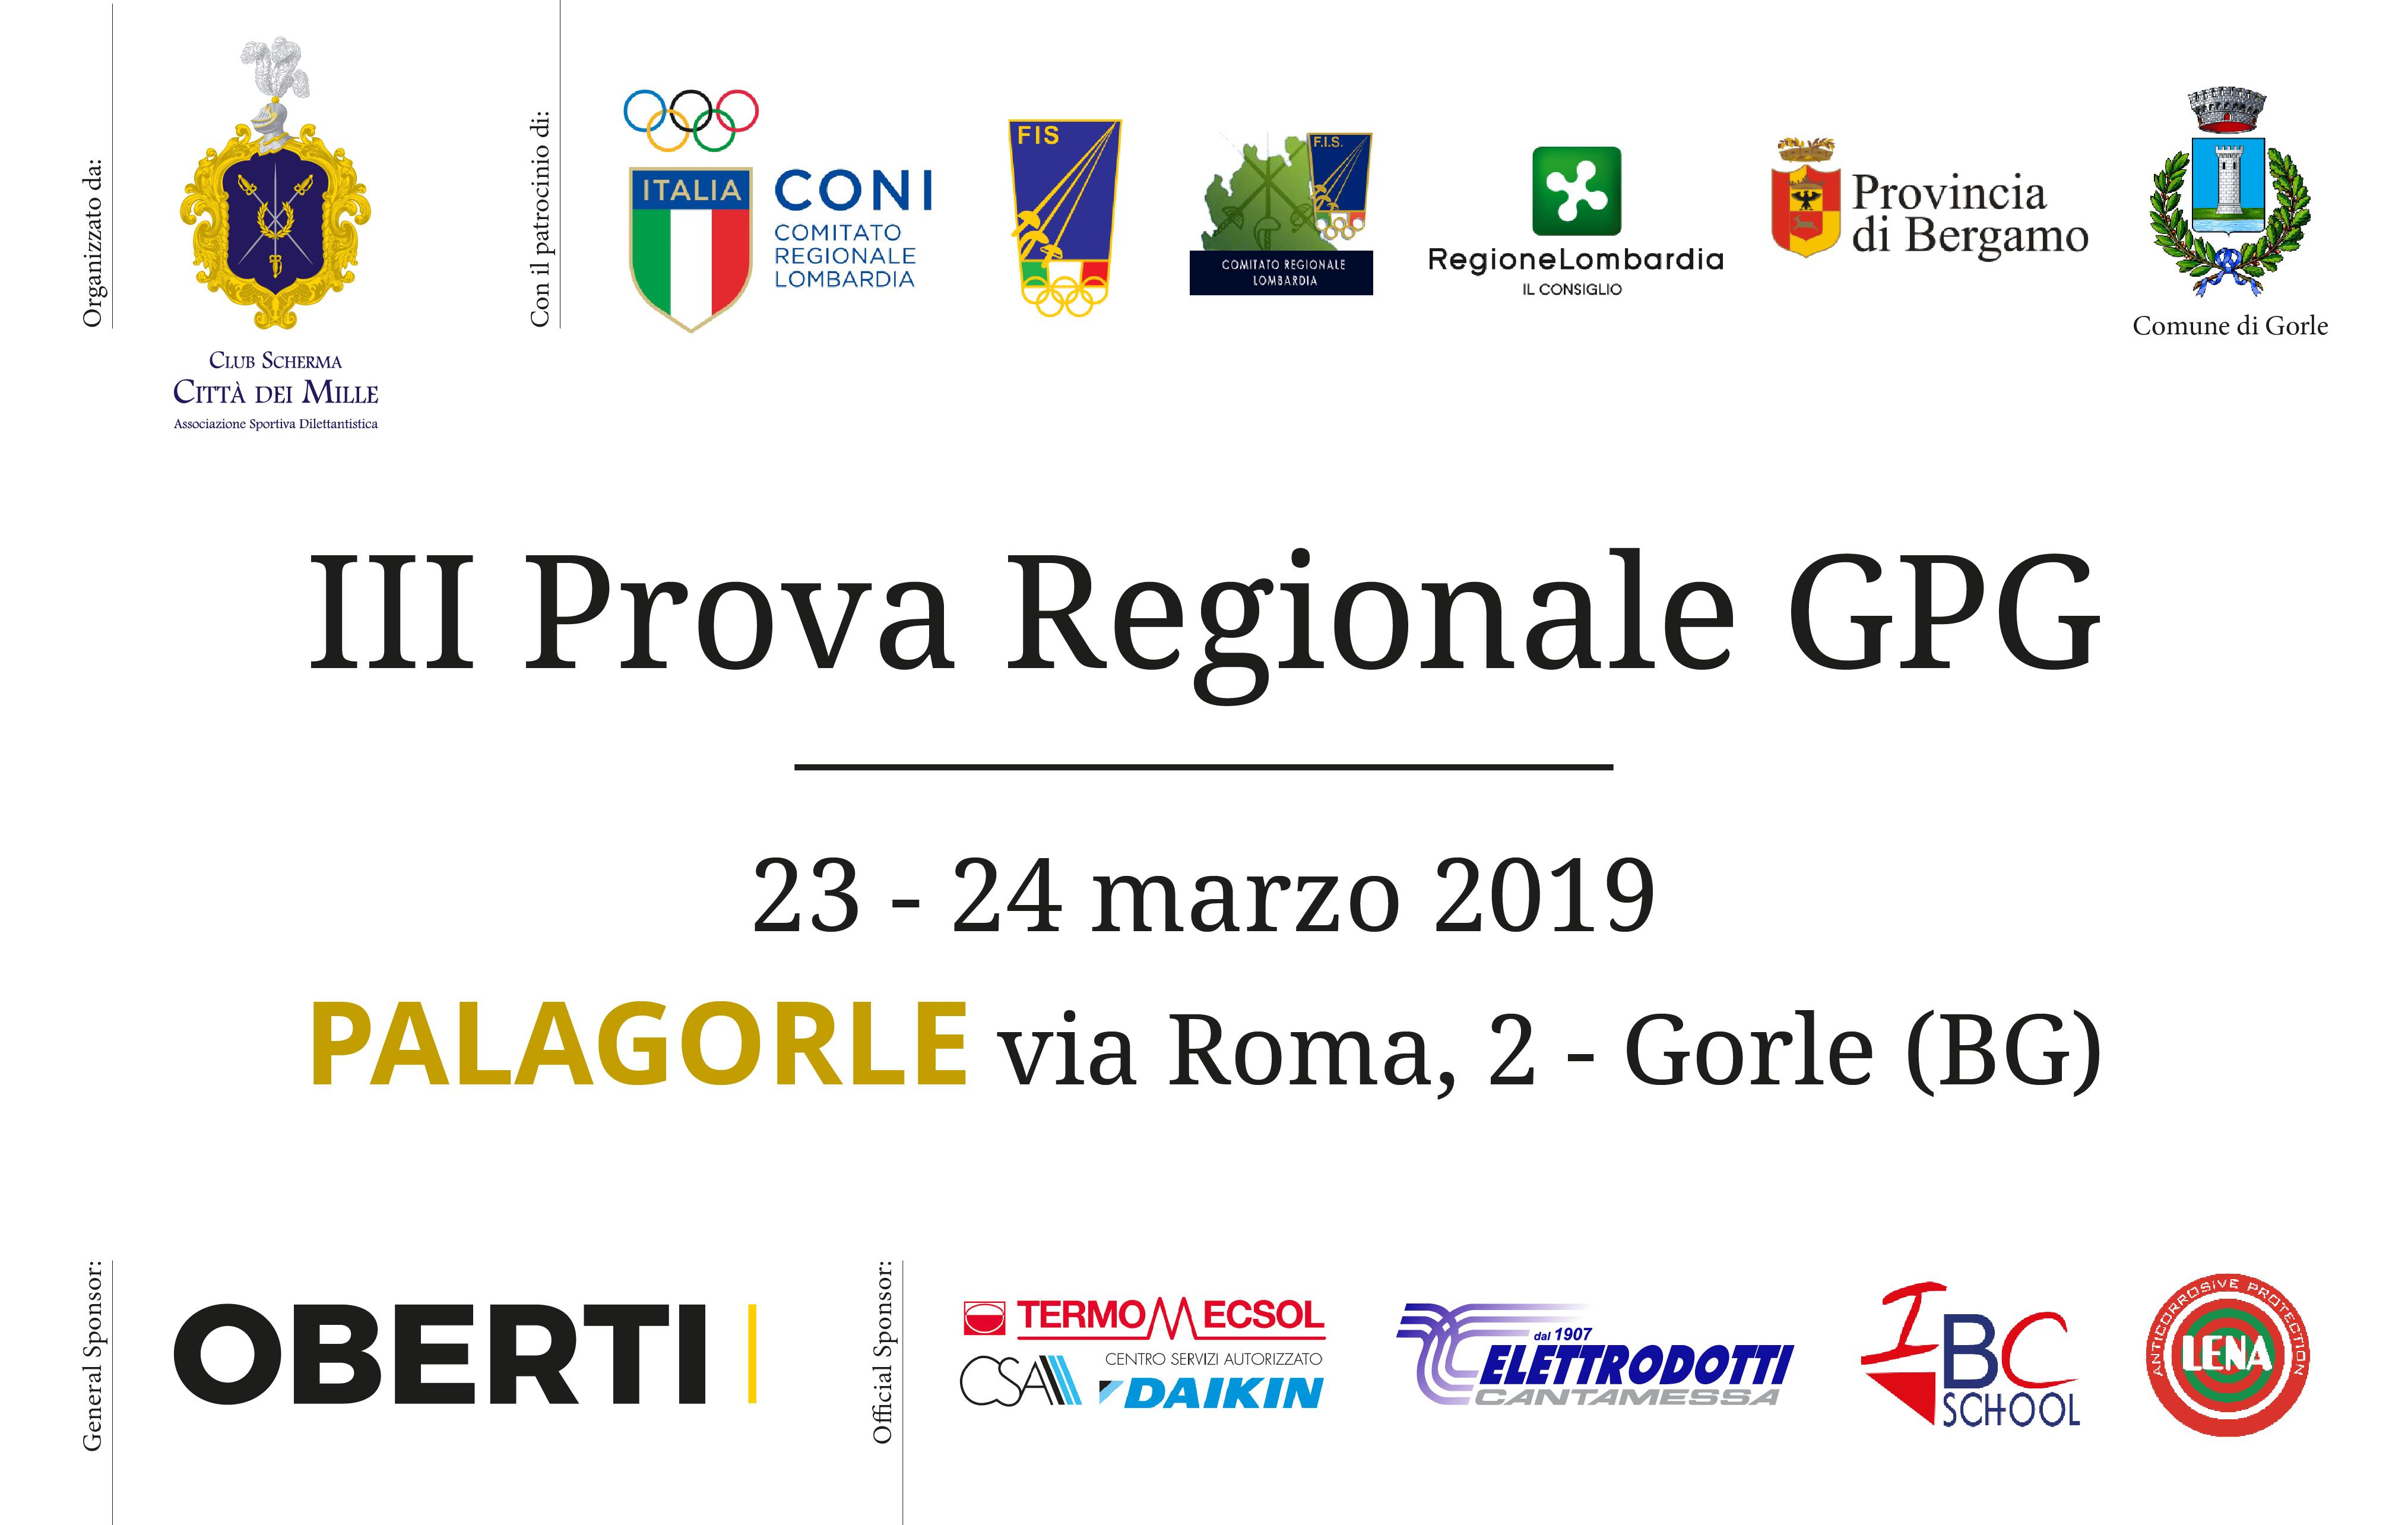 Locandina GPG Scherma Bergamo